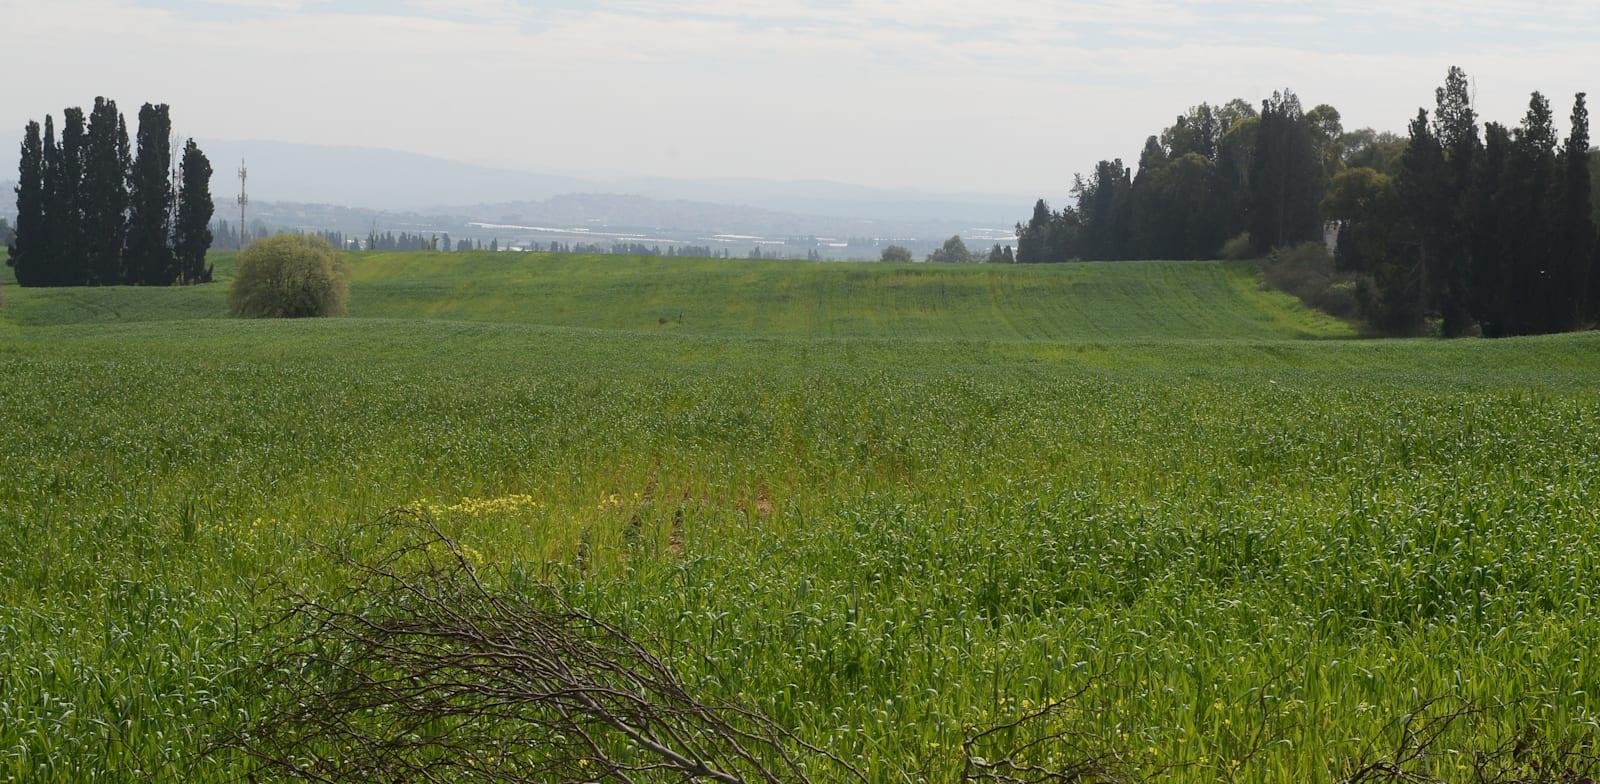 """קרקע חקלאית בפרדס חנה. במקרה של שינוי ייעוד, רמ""""י תדרוש את הפסקת החכירה / צילום: איל יצהר"""